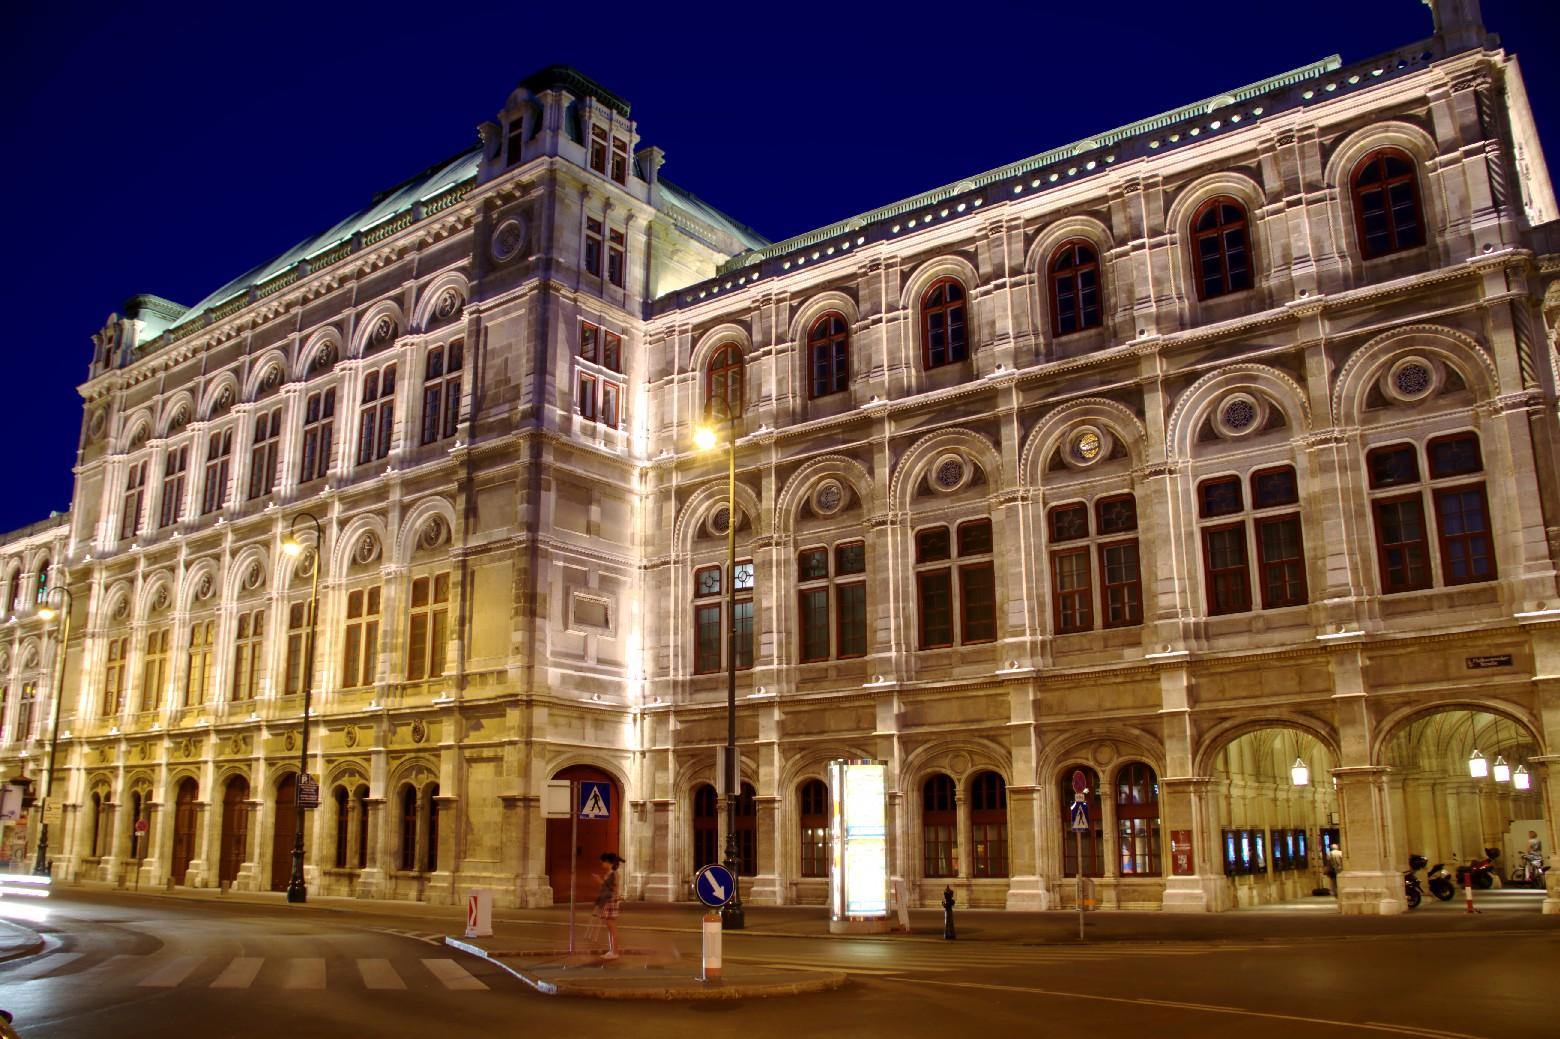 Vista noturna da Staatsoper, teatro de ópera de Viena (foto: Eduardo Vessoni)